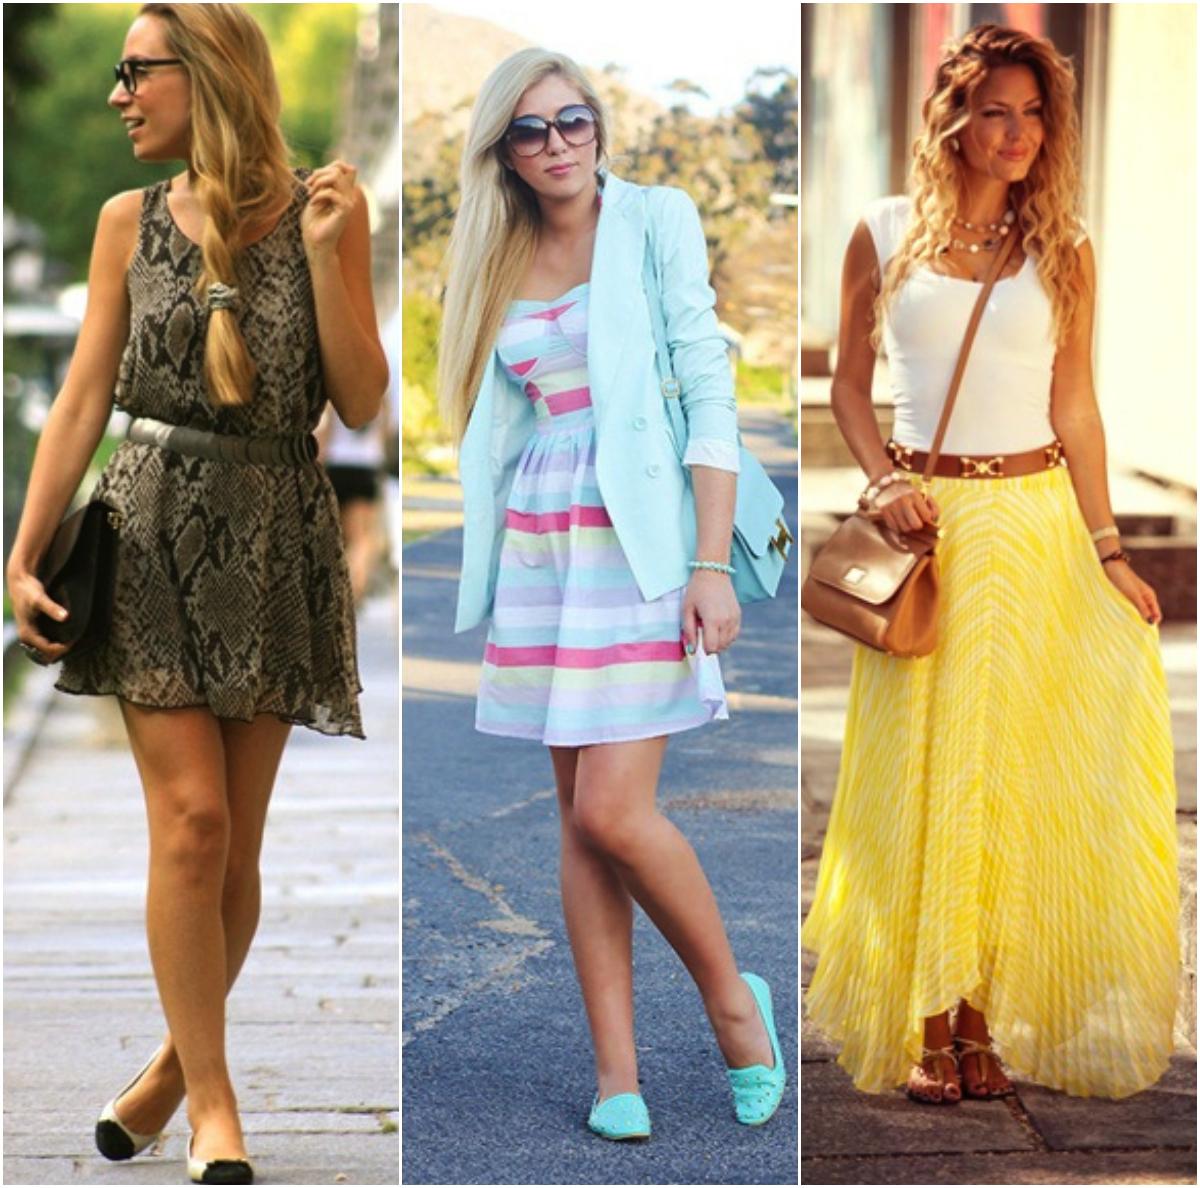 056a8d056be Os vestidos estampadinhos sao uma boa pedida, mas evite grandes decotes,  transparências e vestidos curtíssimos. As saias longas também sao incríveis!